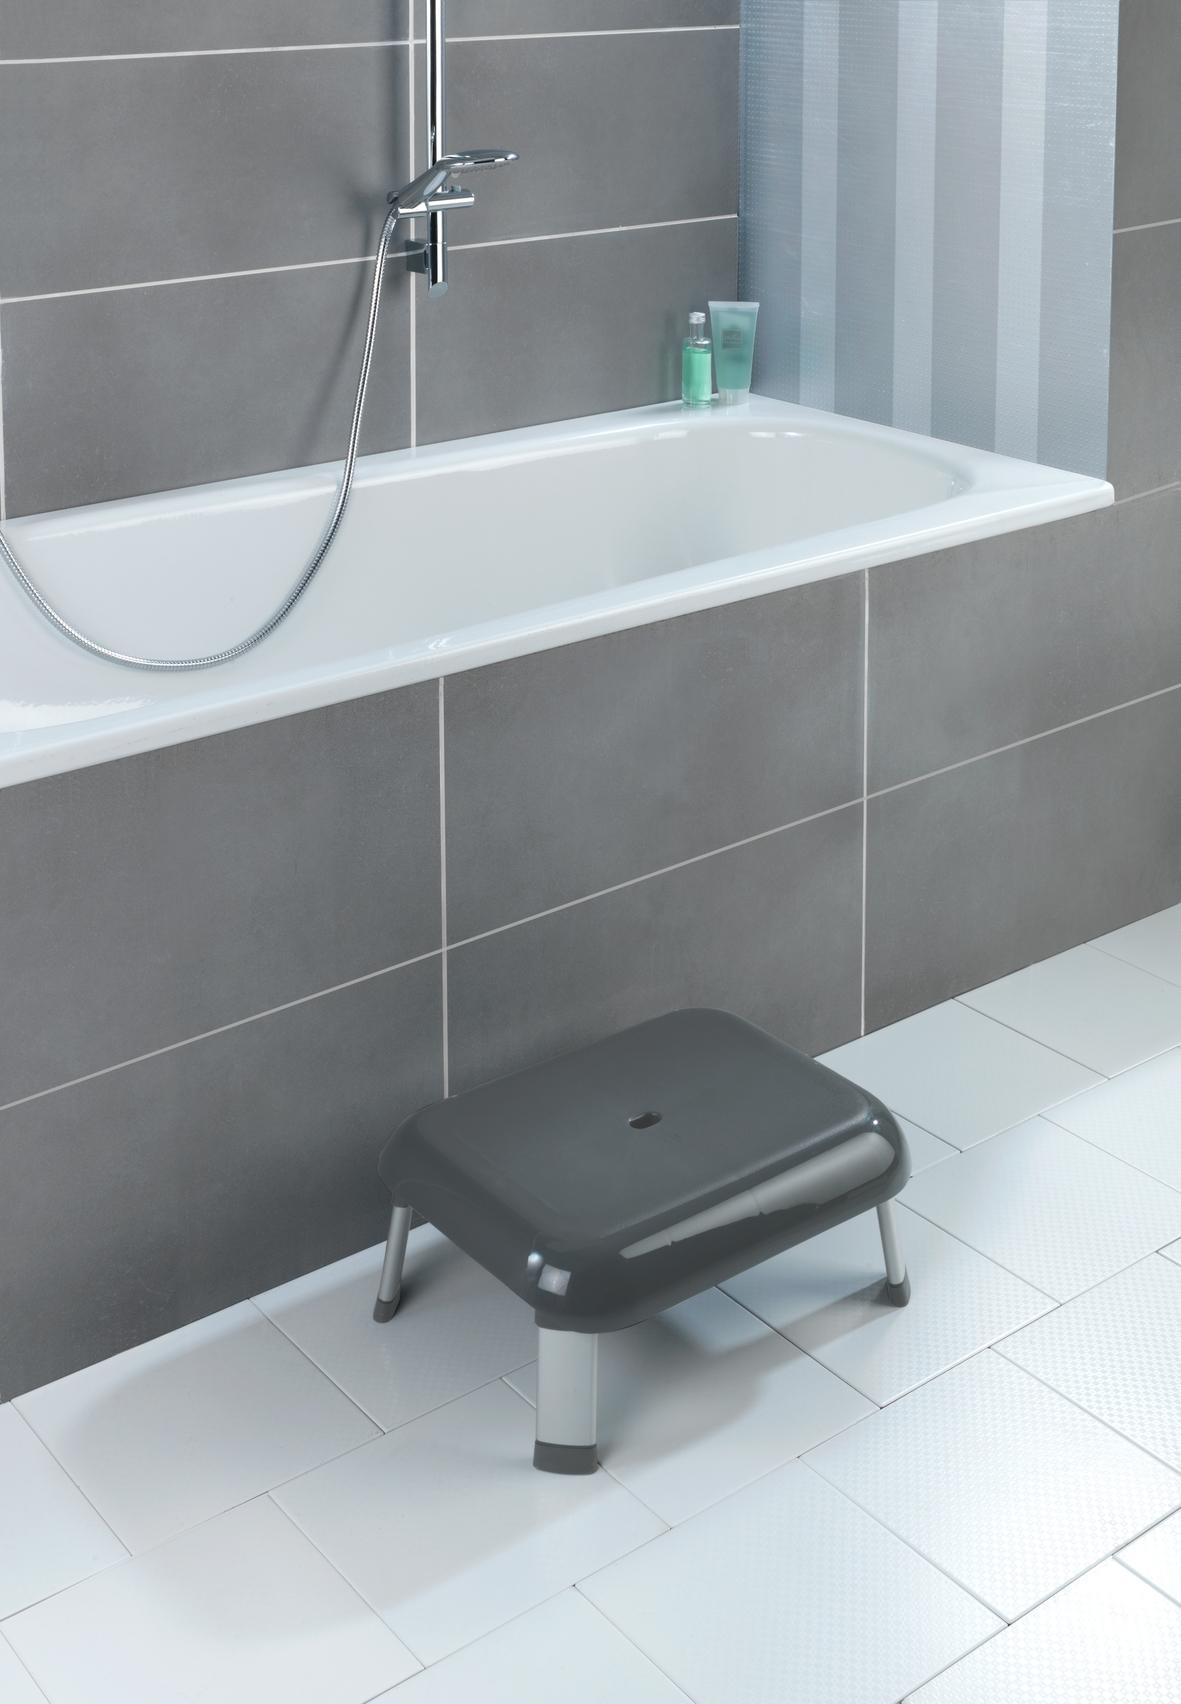 Scaun mic pentru dus, picioare din aluminiu, Secura Premium Antracit, l46,5xA36xH20 cm imagine